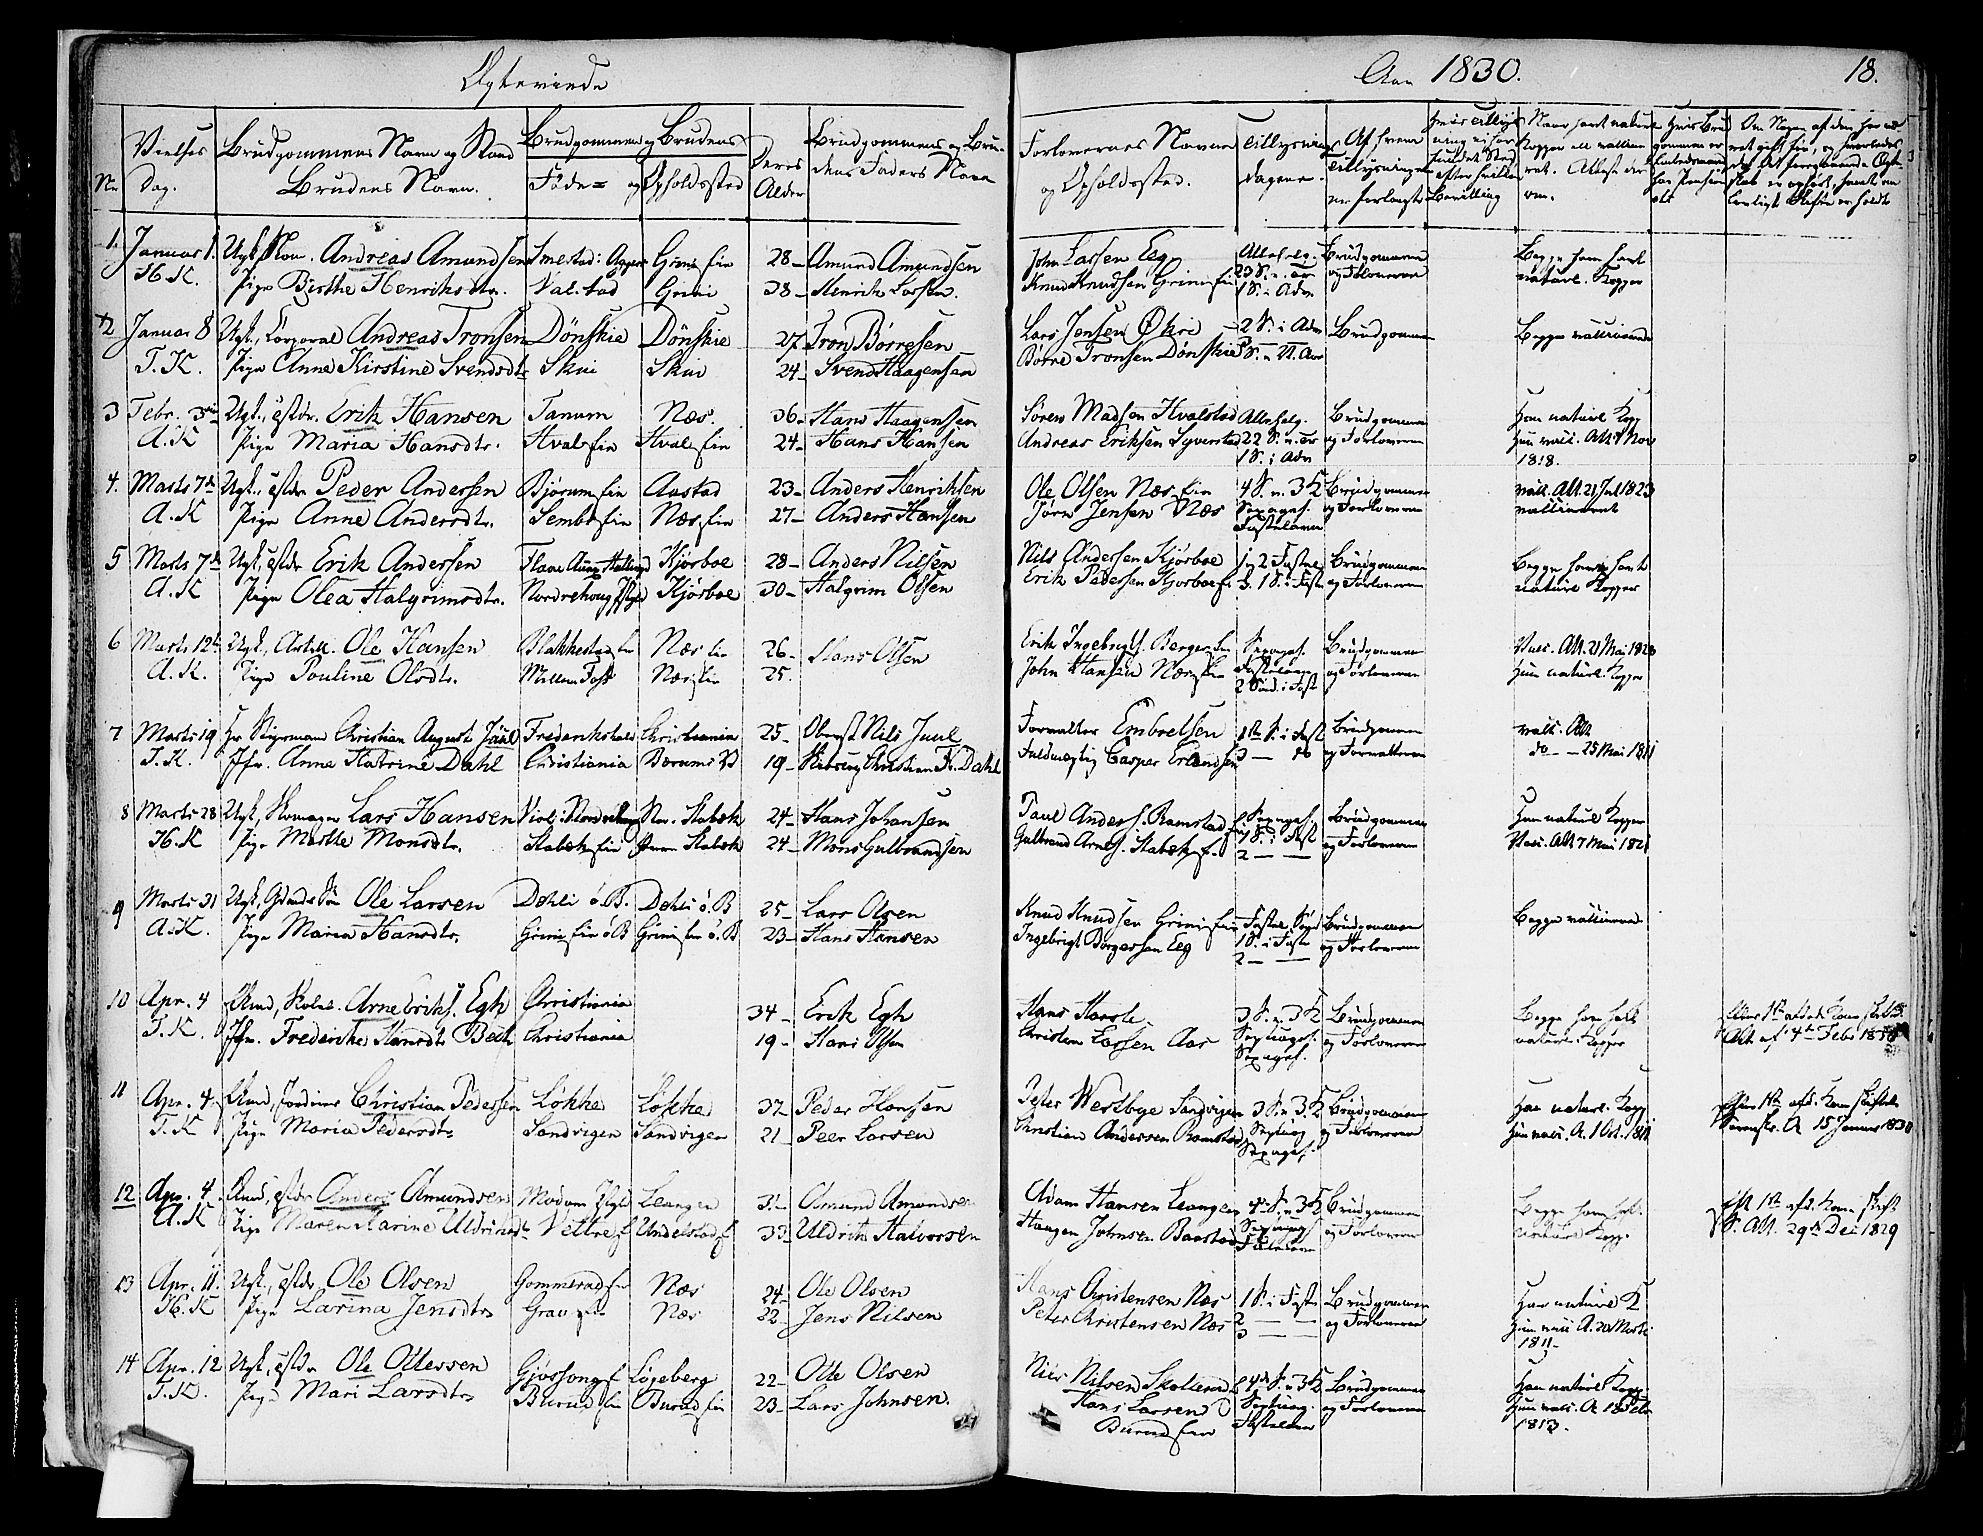 SAO, Asker prestekontor Kirkebøker, F/Fa/L0010: Ministerialbok nr. I 10, 1825-1878, s. 18